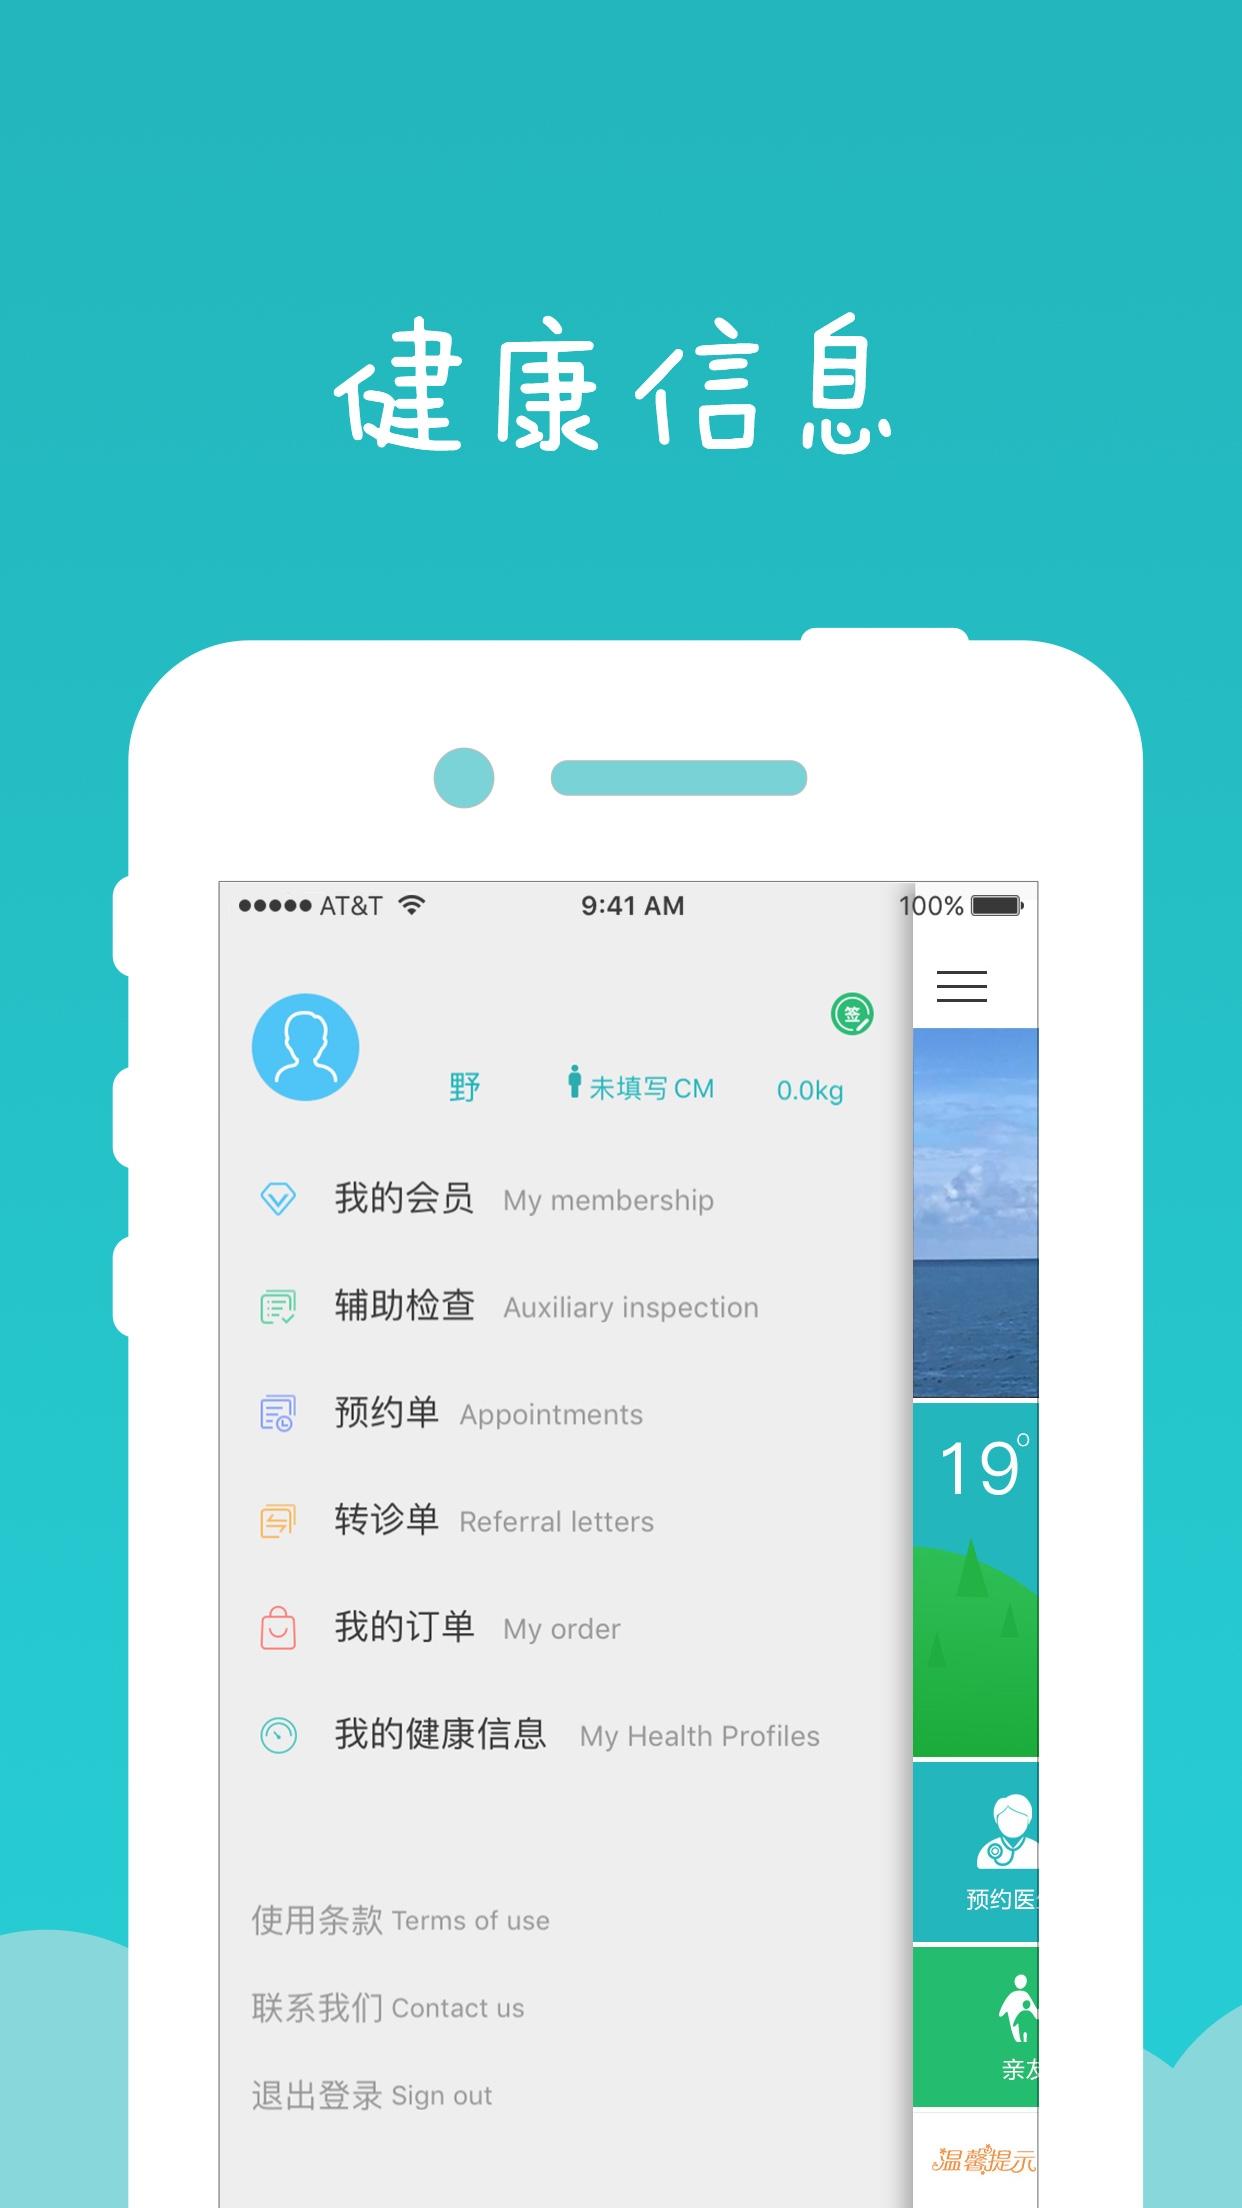 健康东莞安卓官方正版手机app下载v1.12截图0